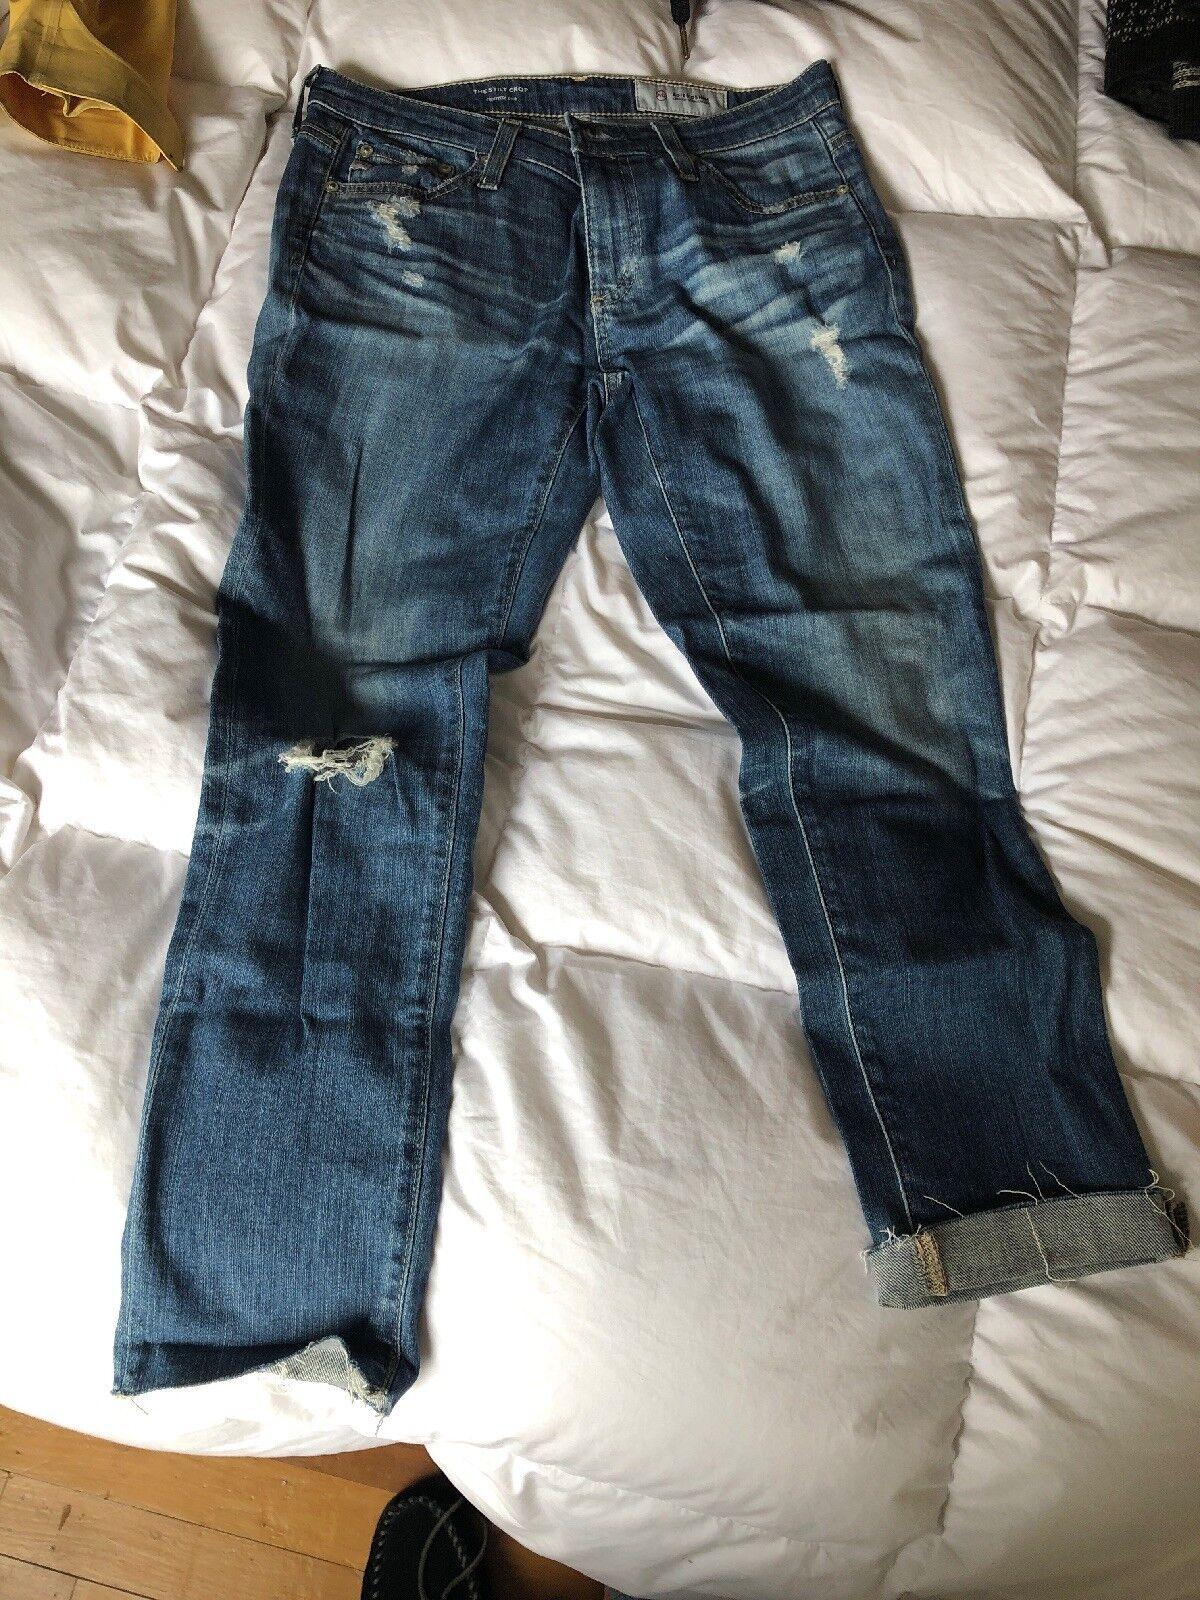 AG Jeans size 27R The Stilt Crop Cigarette Crop